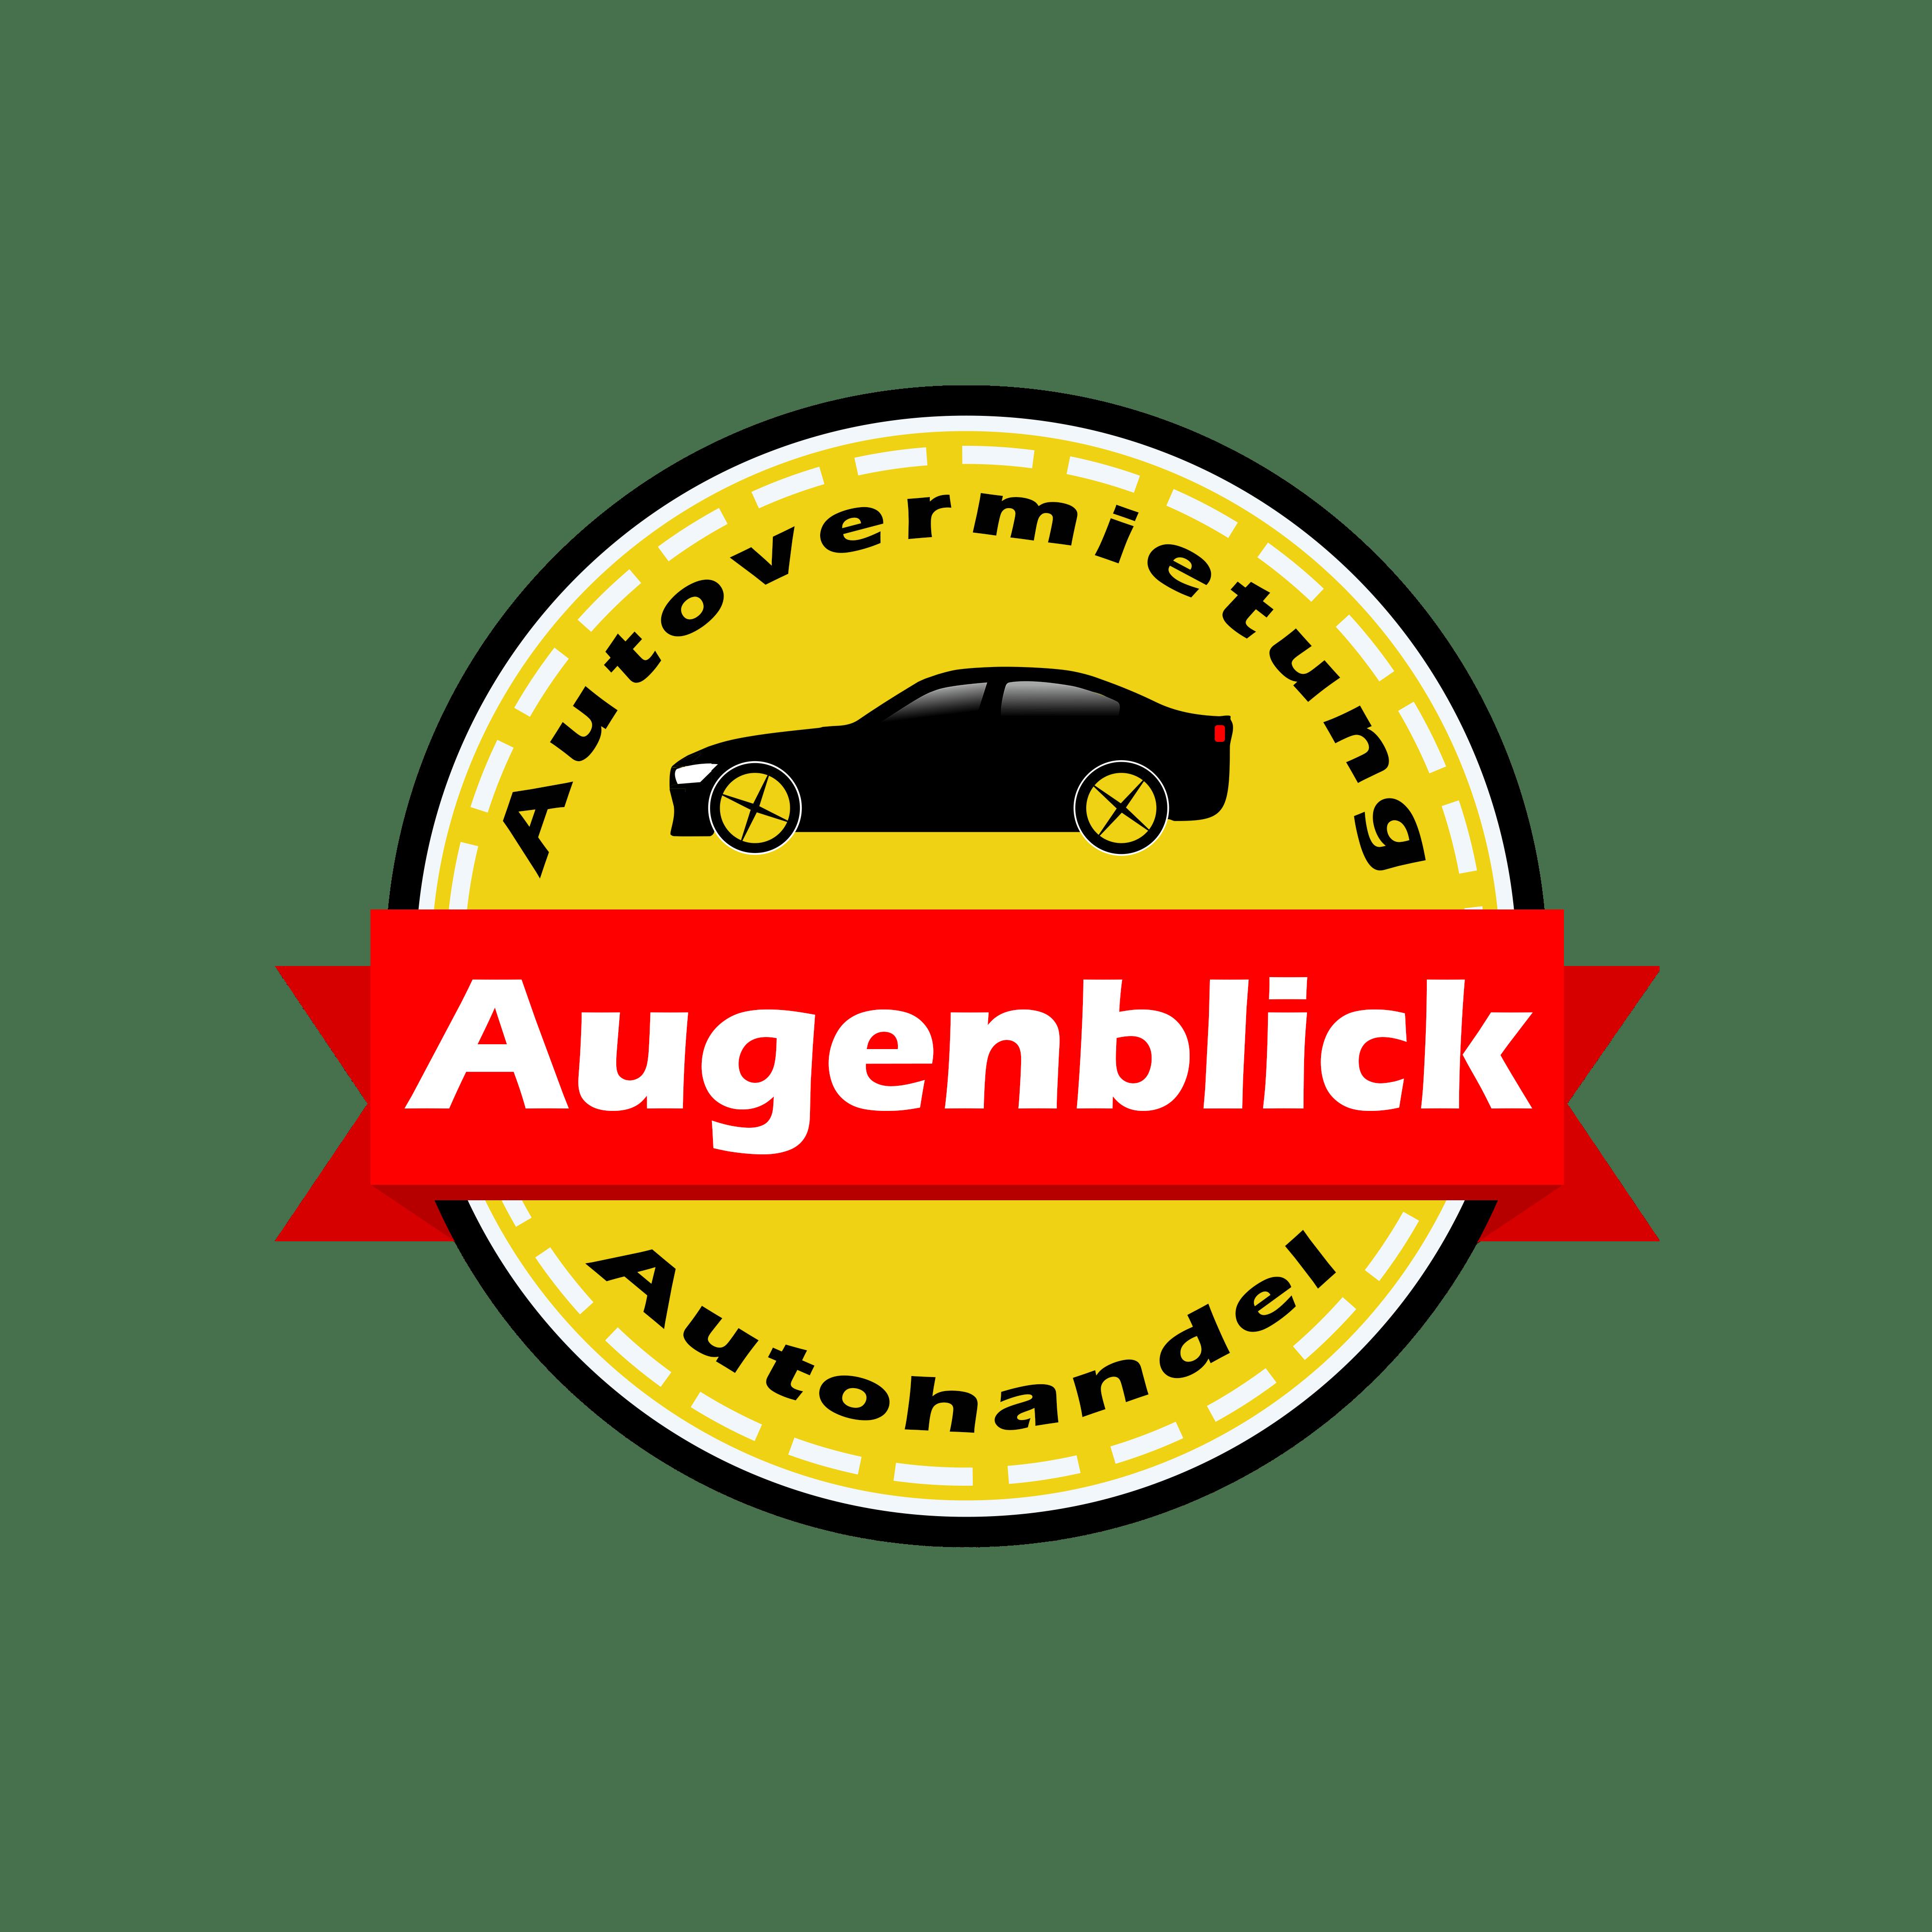 Portfolio von Ascotech Logo Augenblick Autovermietung